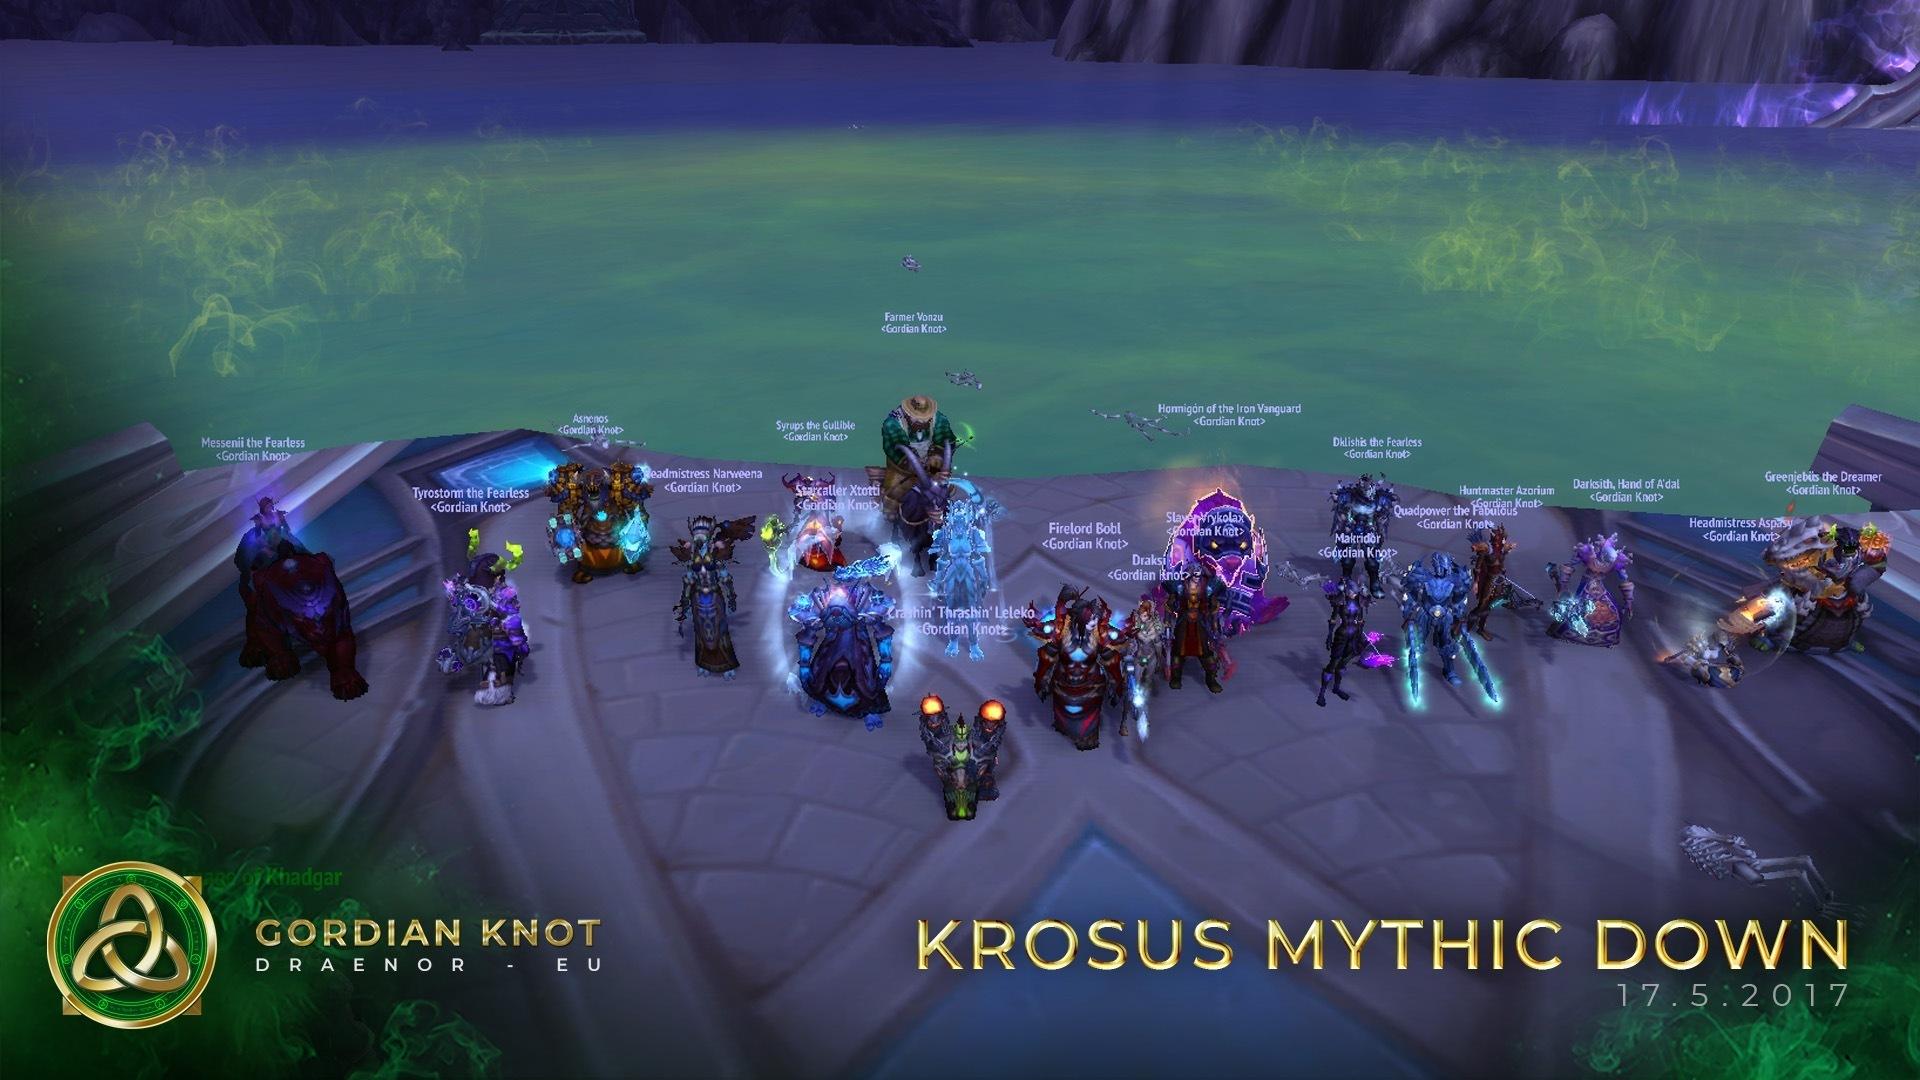 Krosus Mythic